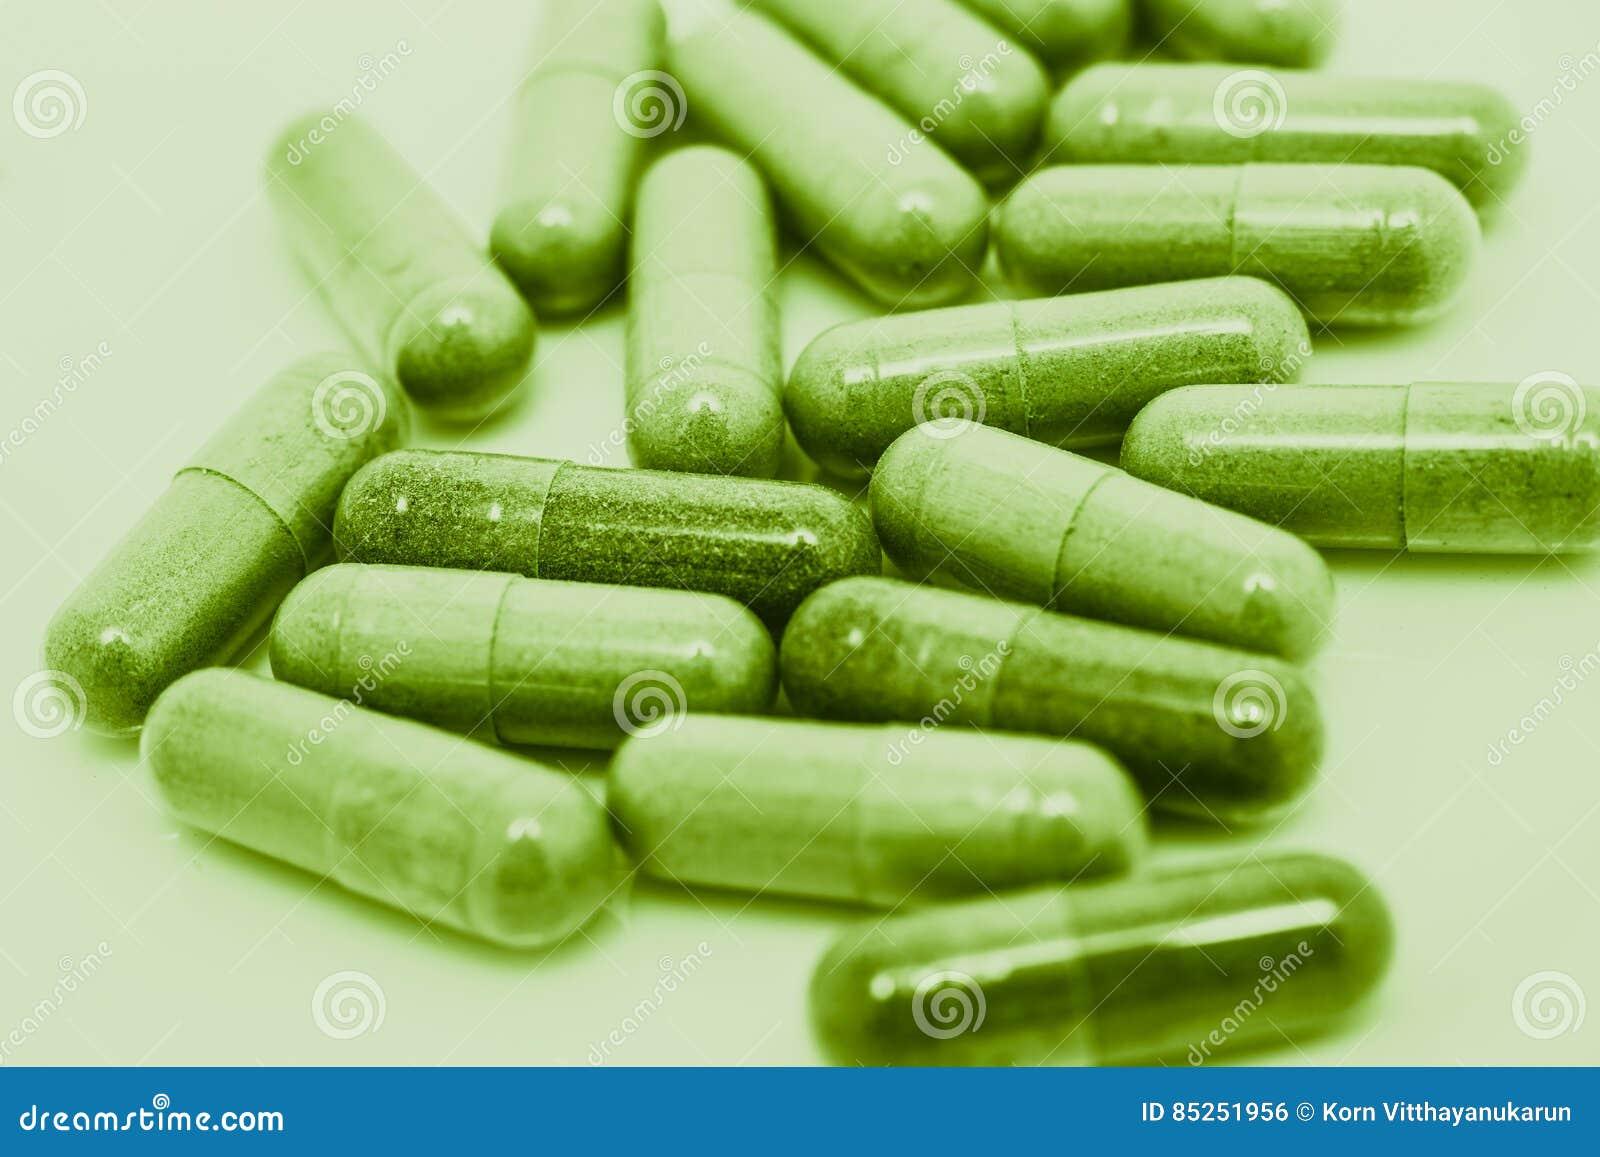 绿色药片胶囊